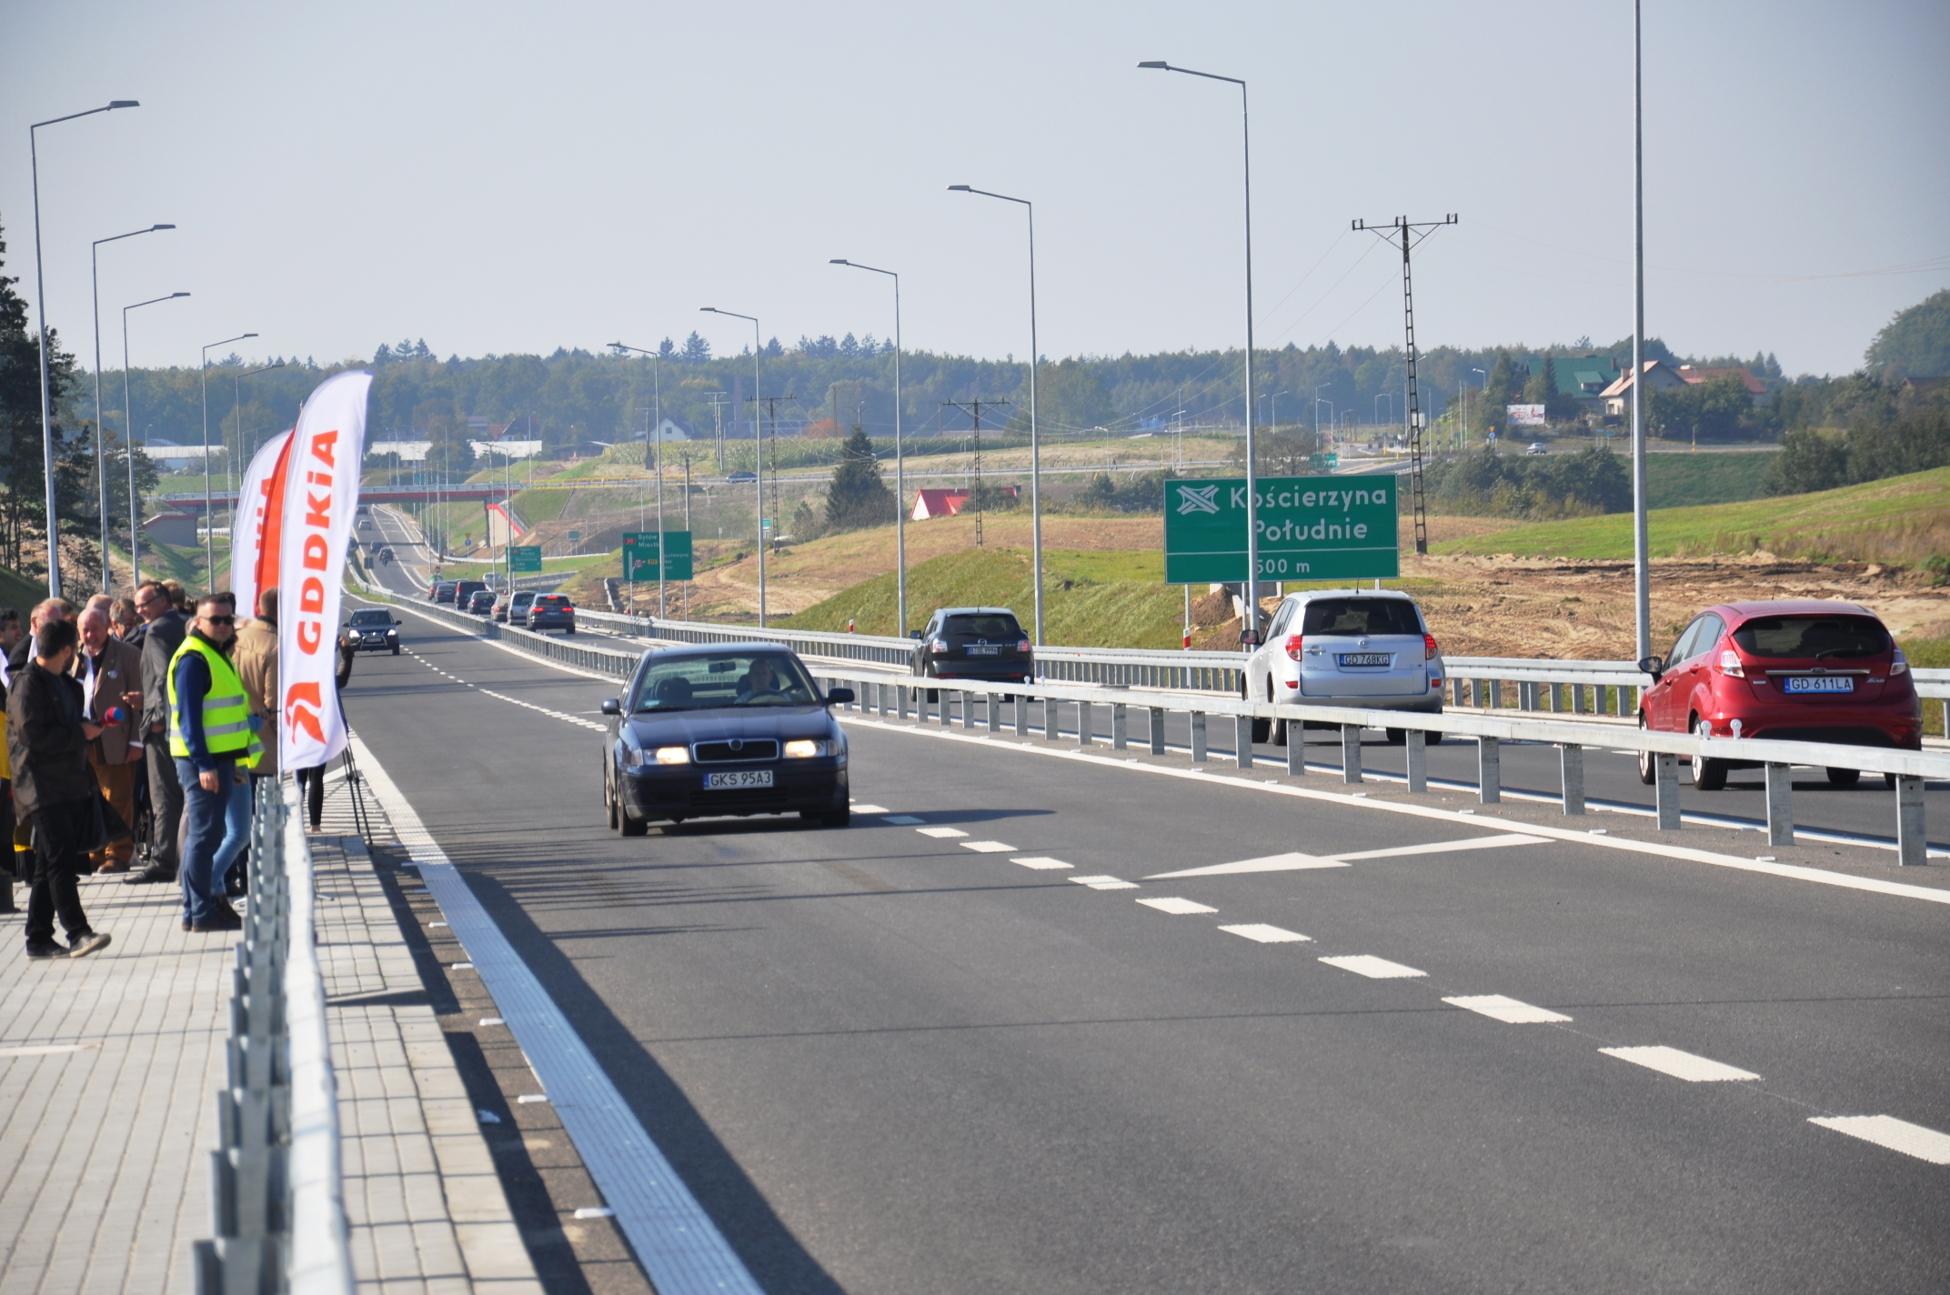 Nareszcie koniec korków w Kościerzynie. Kierowcy czekali prawie 3 lata, by od 1 października pojechać nową obwodnicą